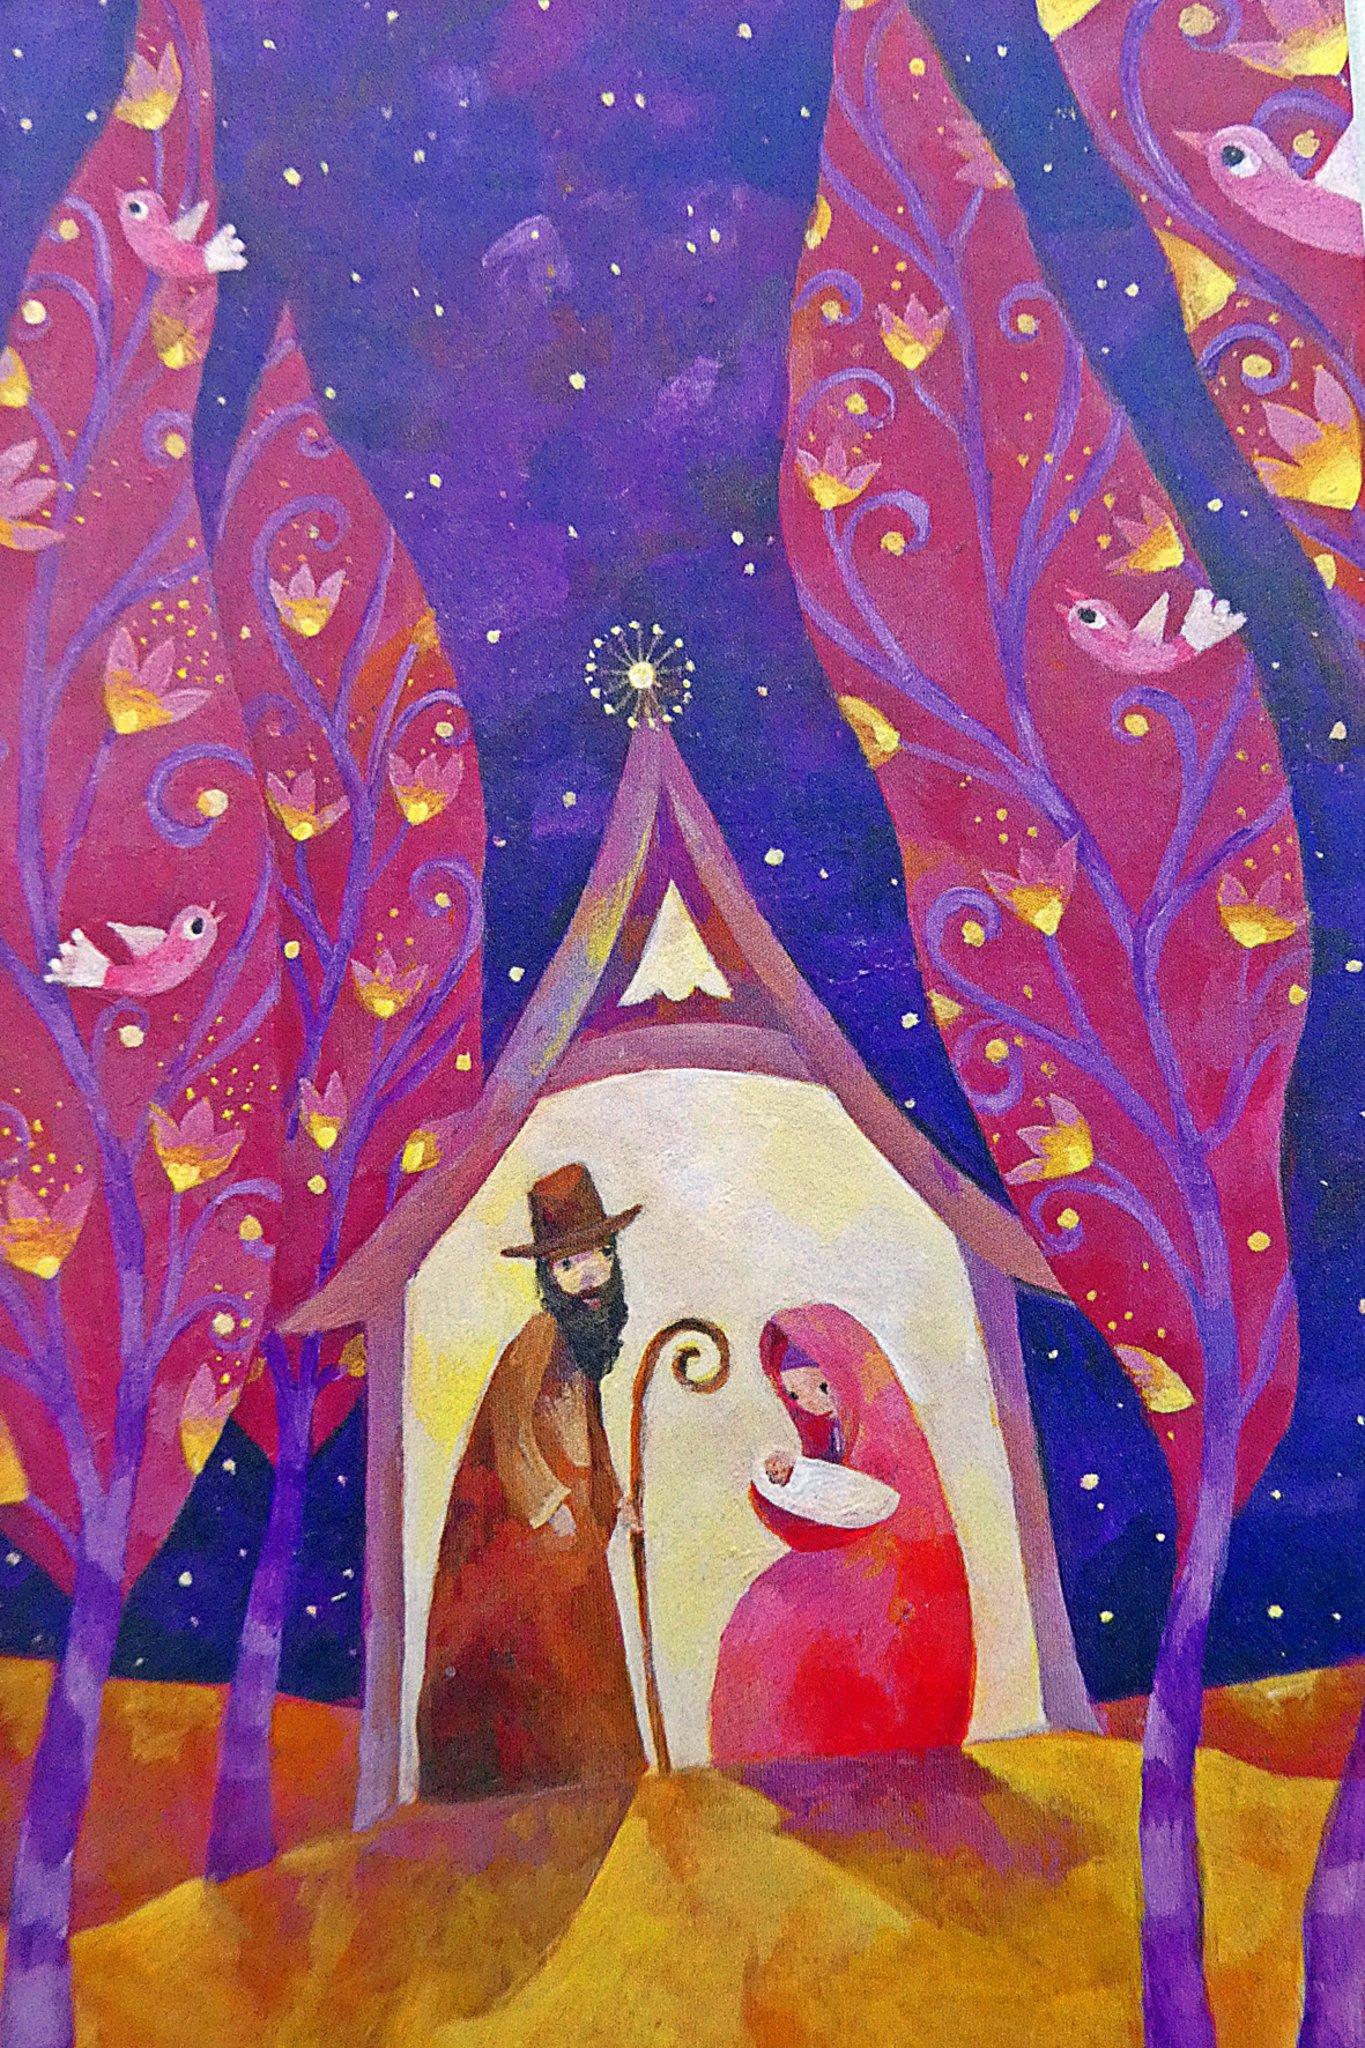 Weihnachtskarten Bilder Einfügen Kostenlos.Unicef Weihnachtskarten Mit Tollen Weihnachtsmotiven Kindern Im